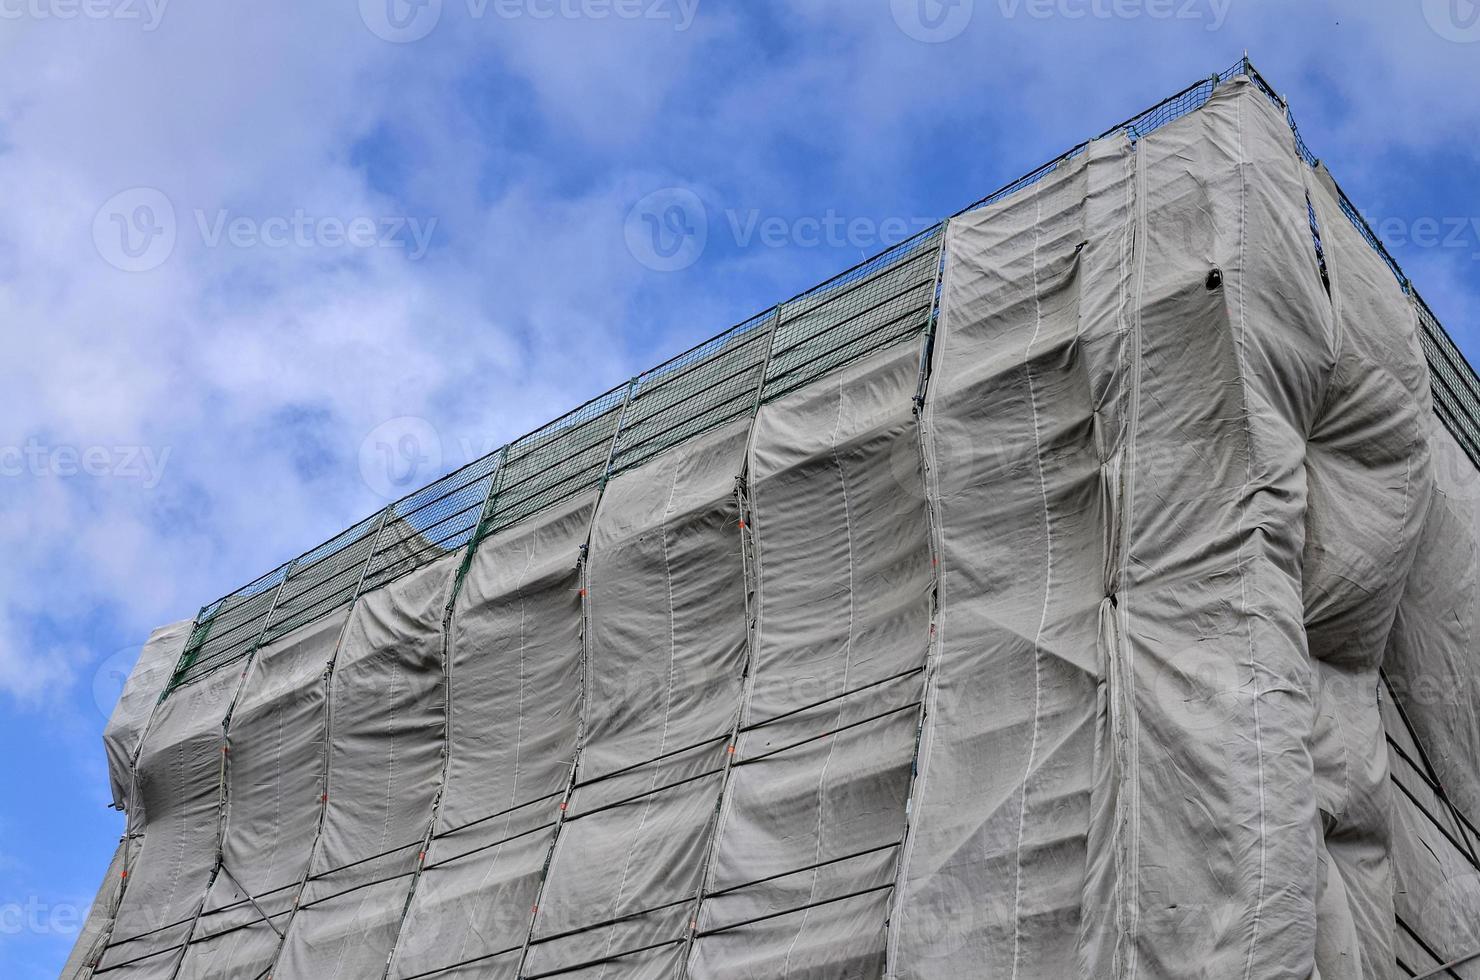 sitio de construcción cubierto de lona gris foto